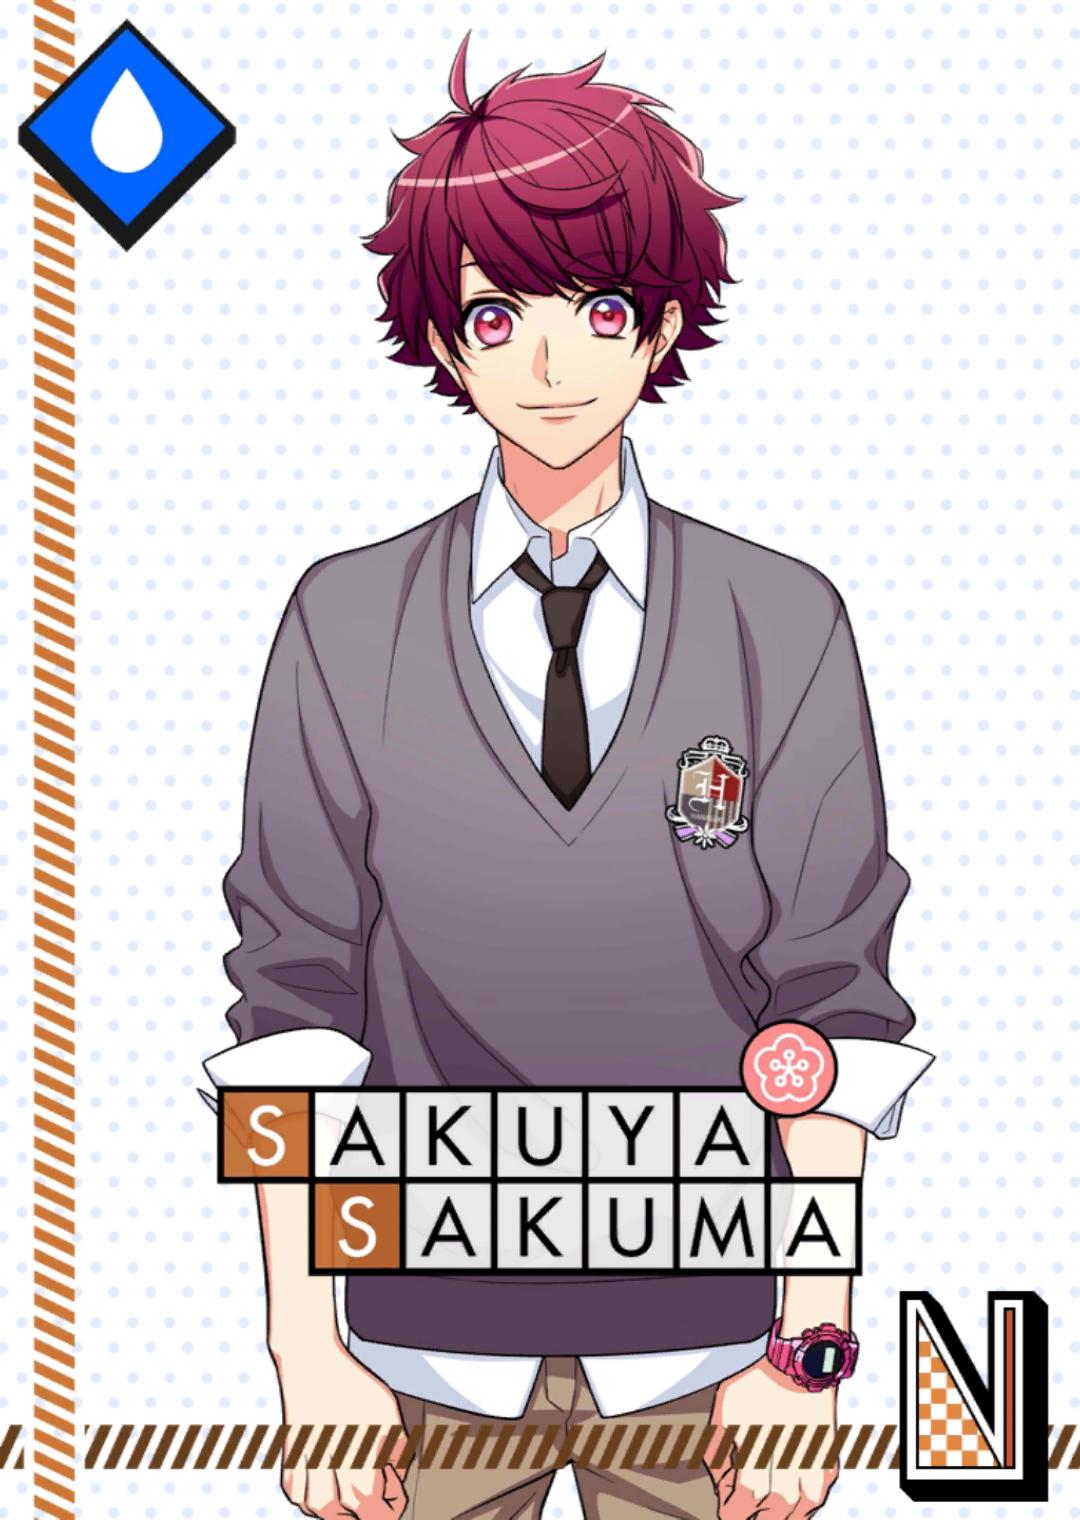 Sakuya Sakuma N Hanasaki High School unbloomed.png